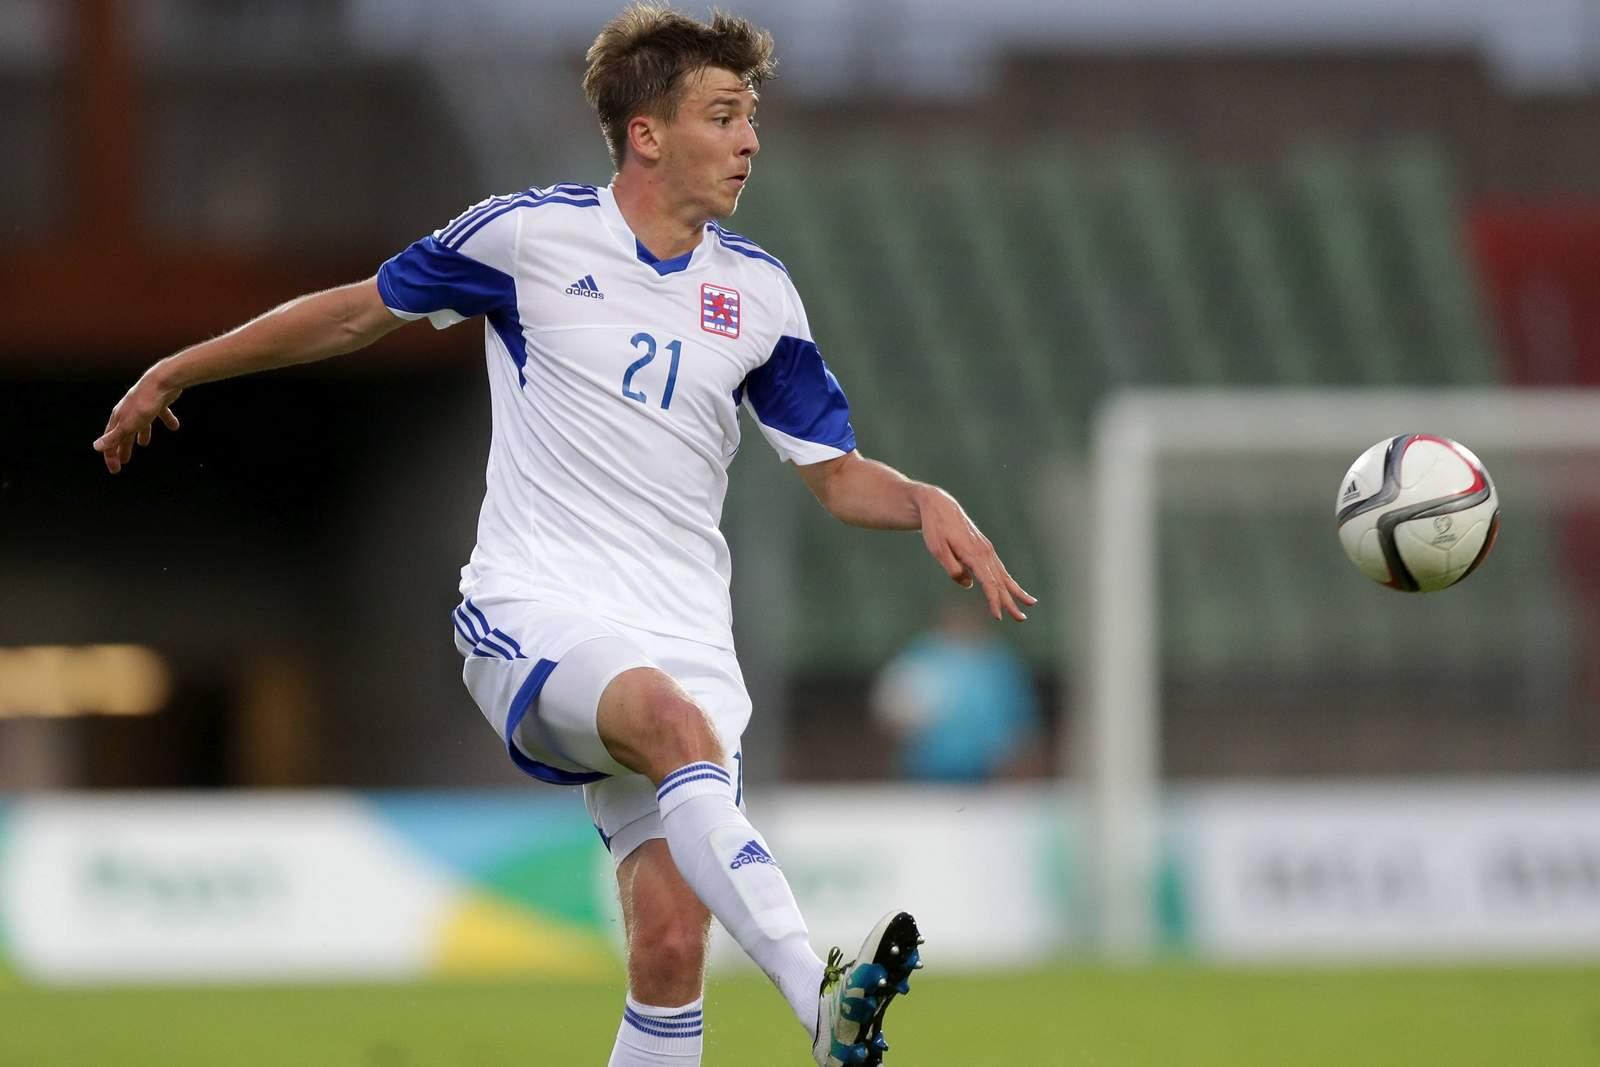 Maurice Deville im Trikot der Nationalmannschaft von Luxemburg